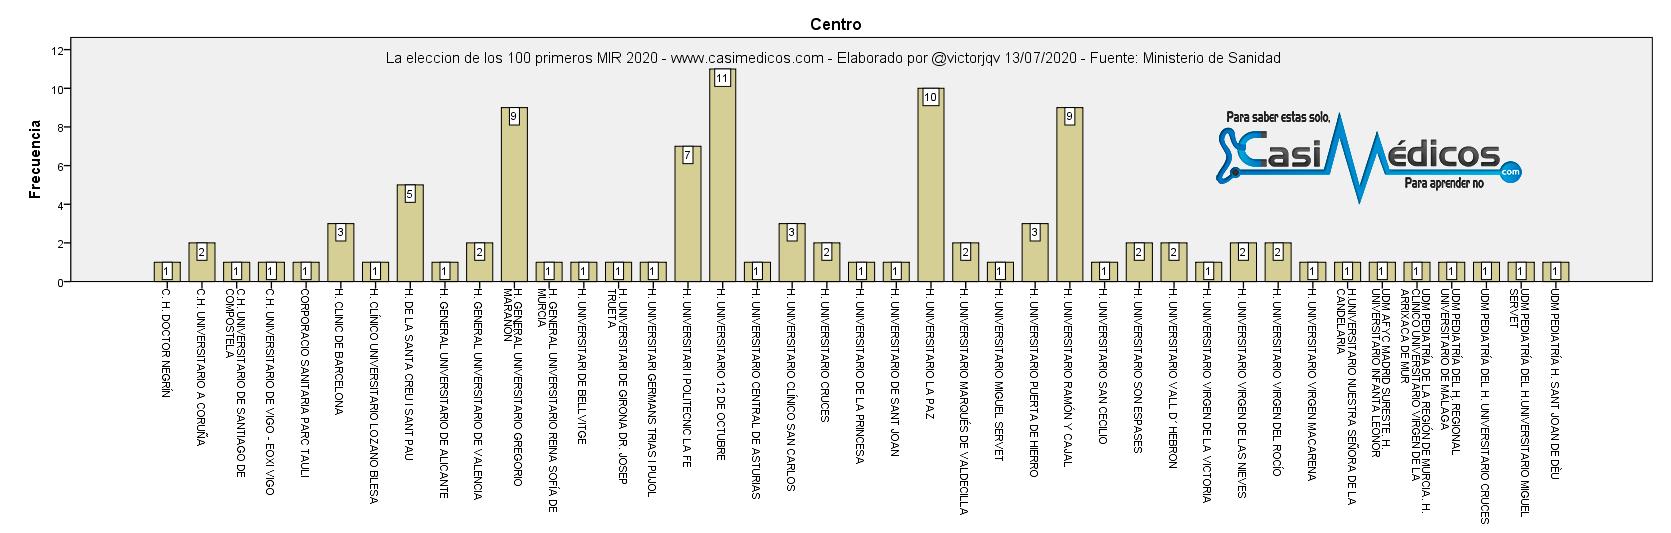 La elección de los 100 primeros MIR 2020 - centro